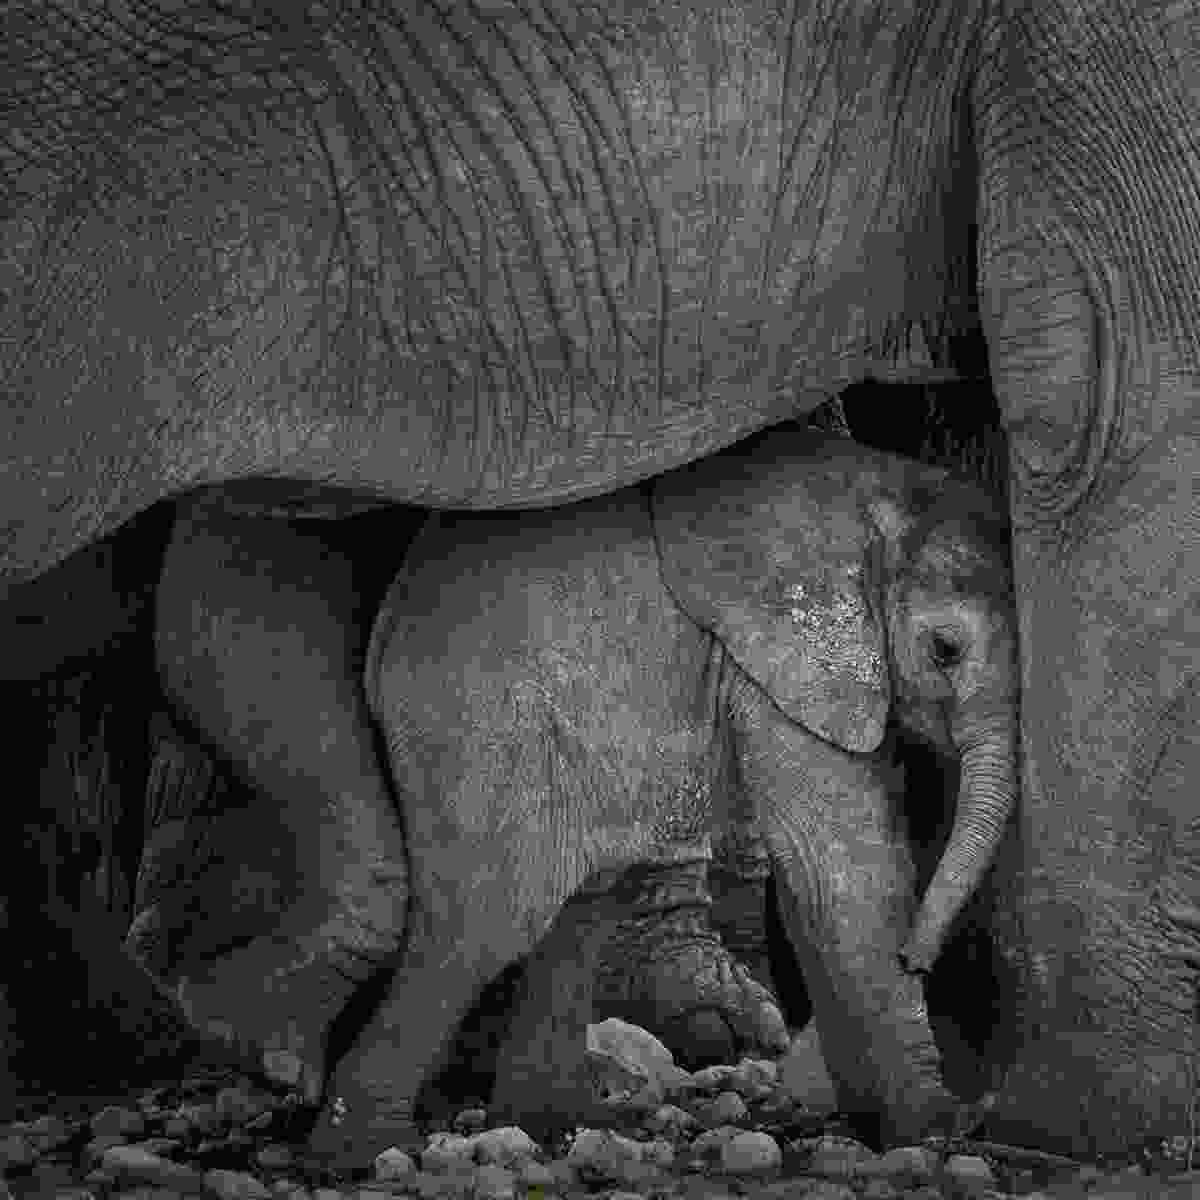 (Marina Cano/Remembering Elephants)